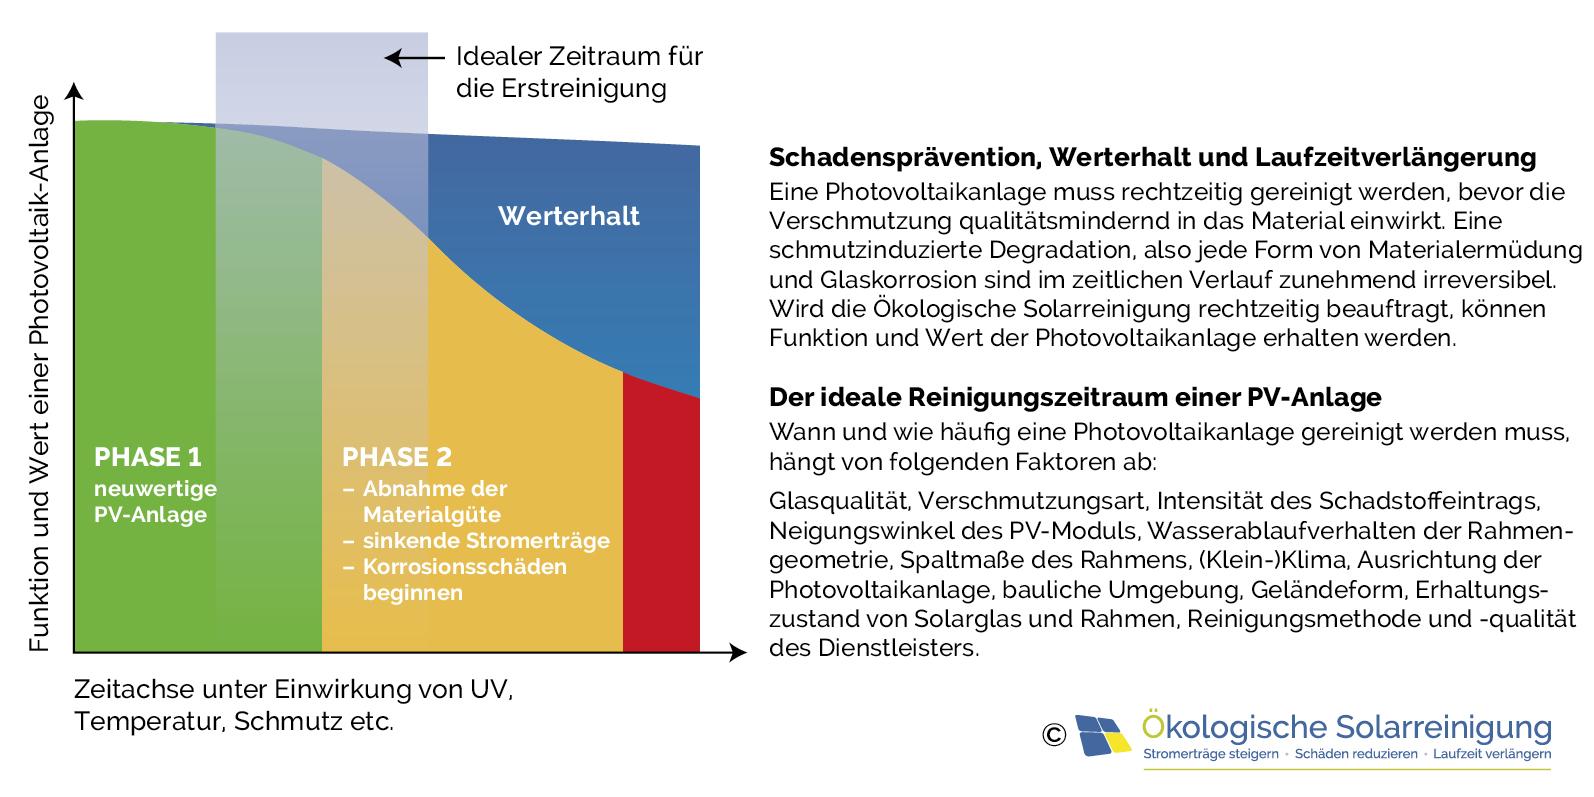 Eine nachhaltige Photovoltaik Reinigung mit Preis-Garantie